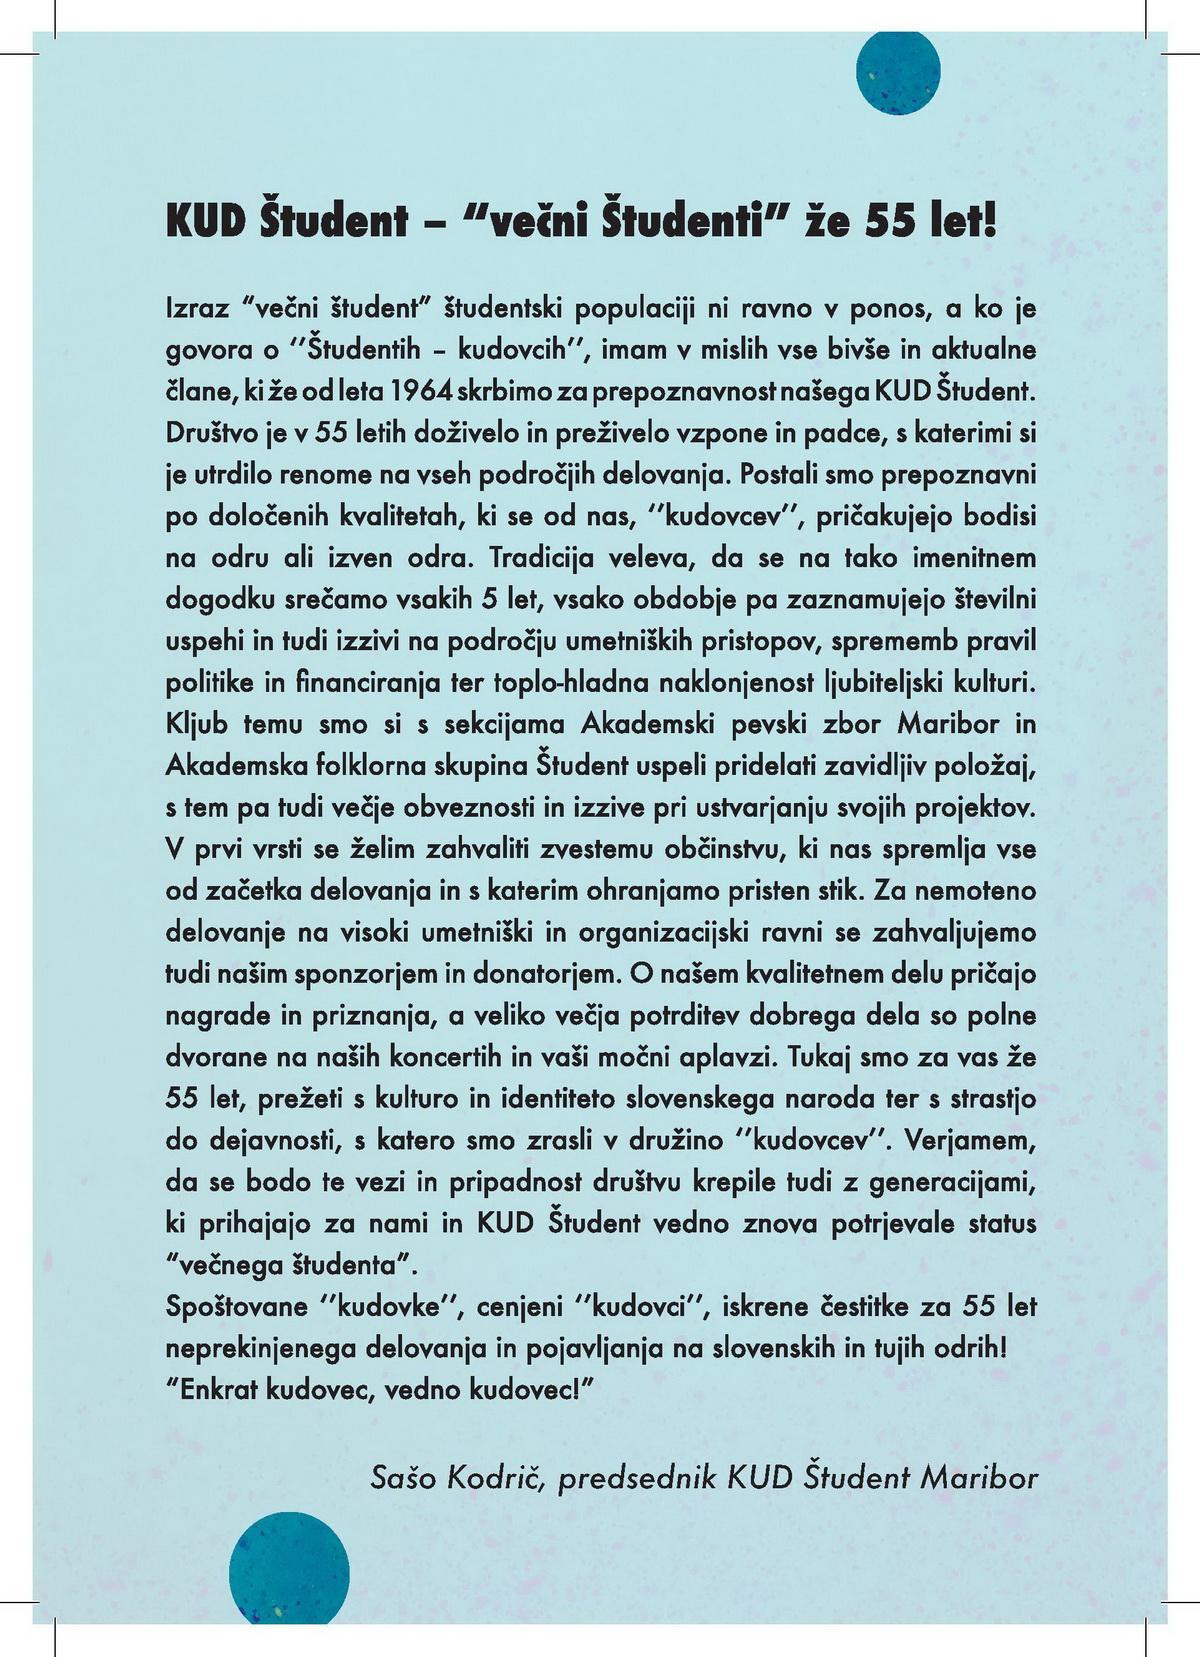 BILTEN_KUD STUDENT_55let-3